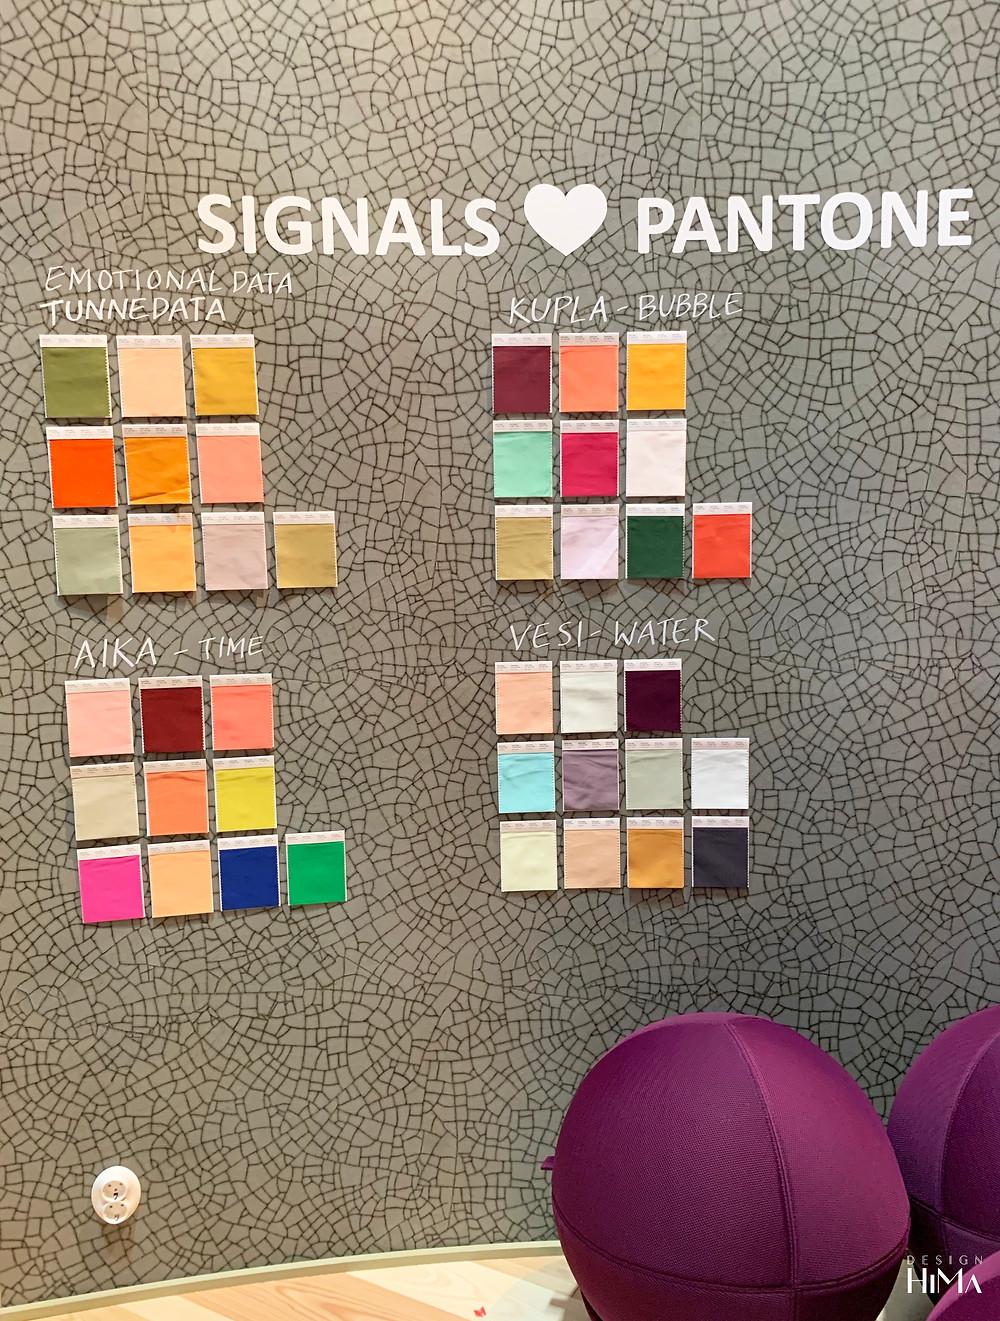 Habitare Signals Pantone